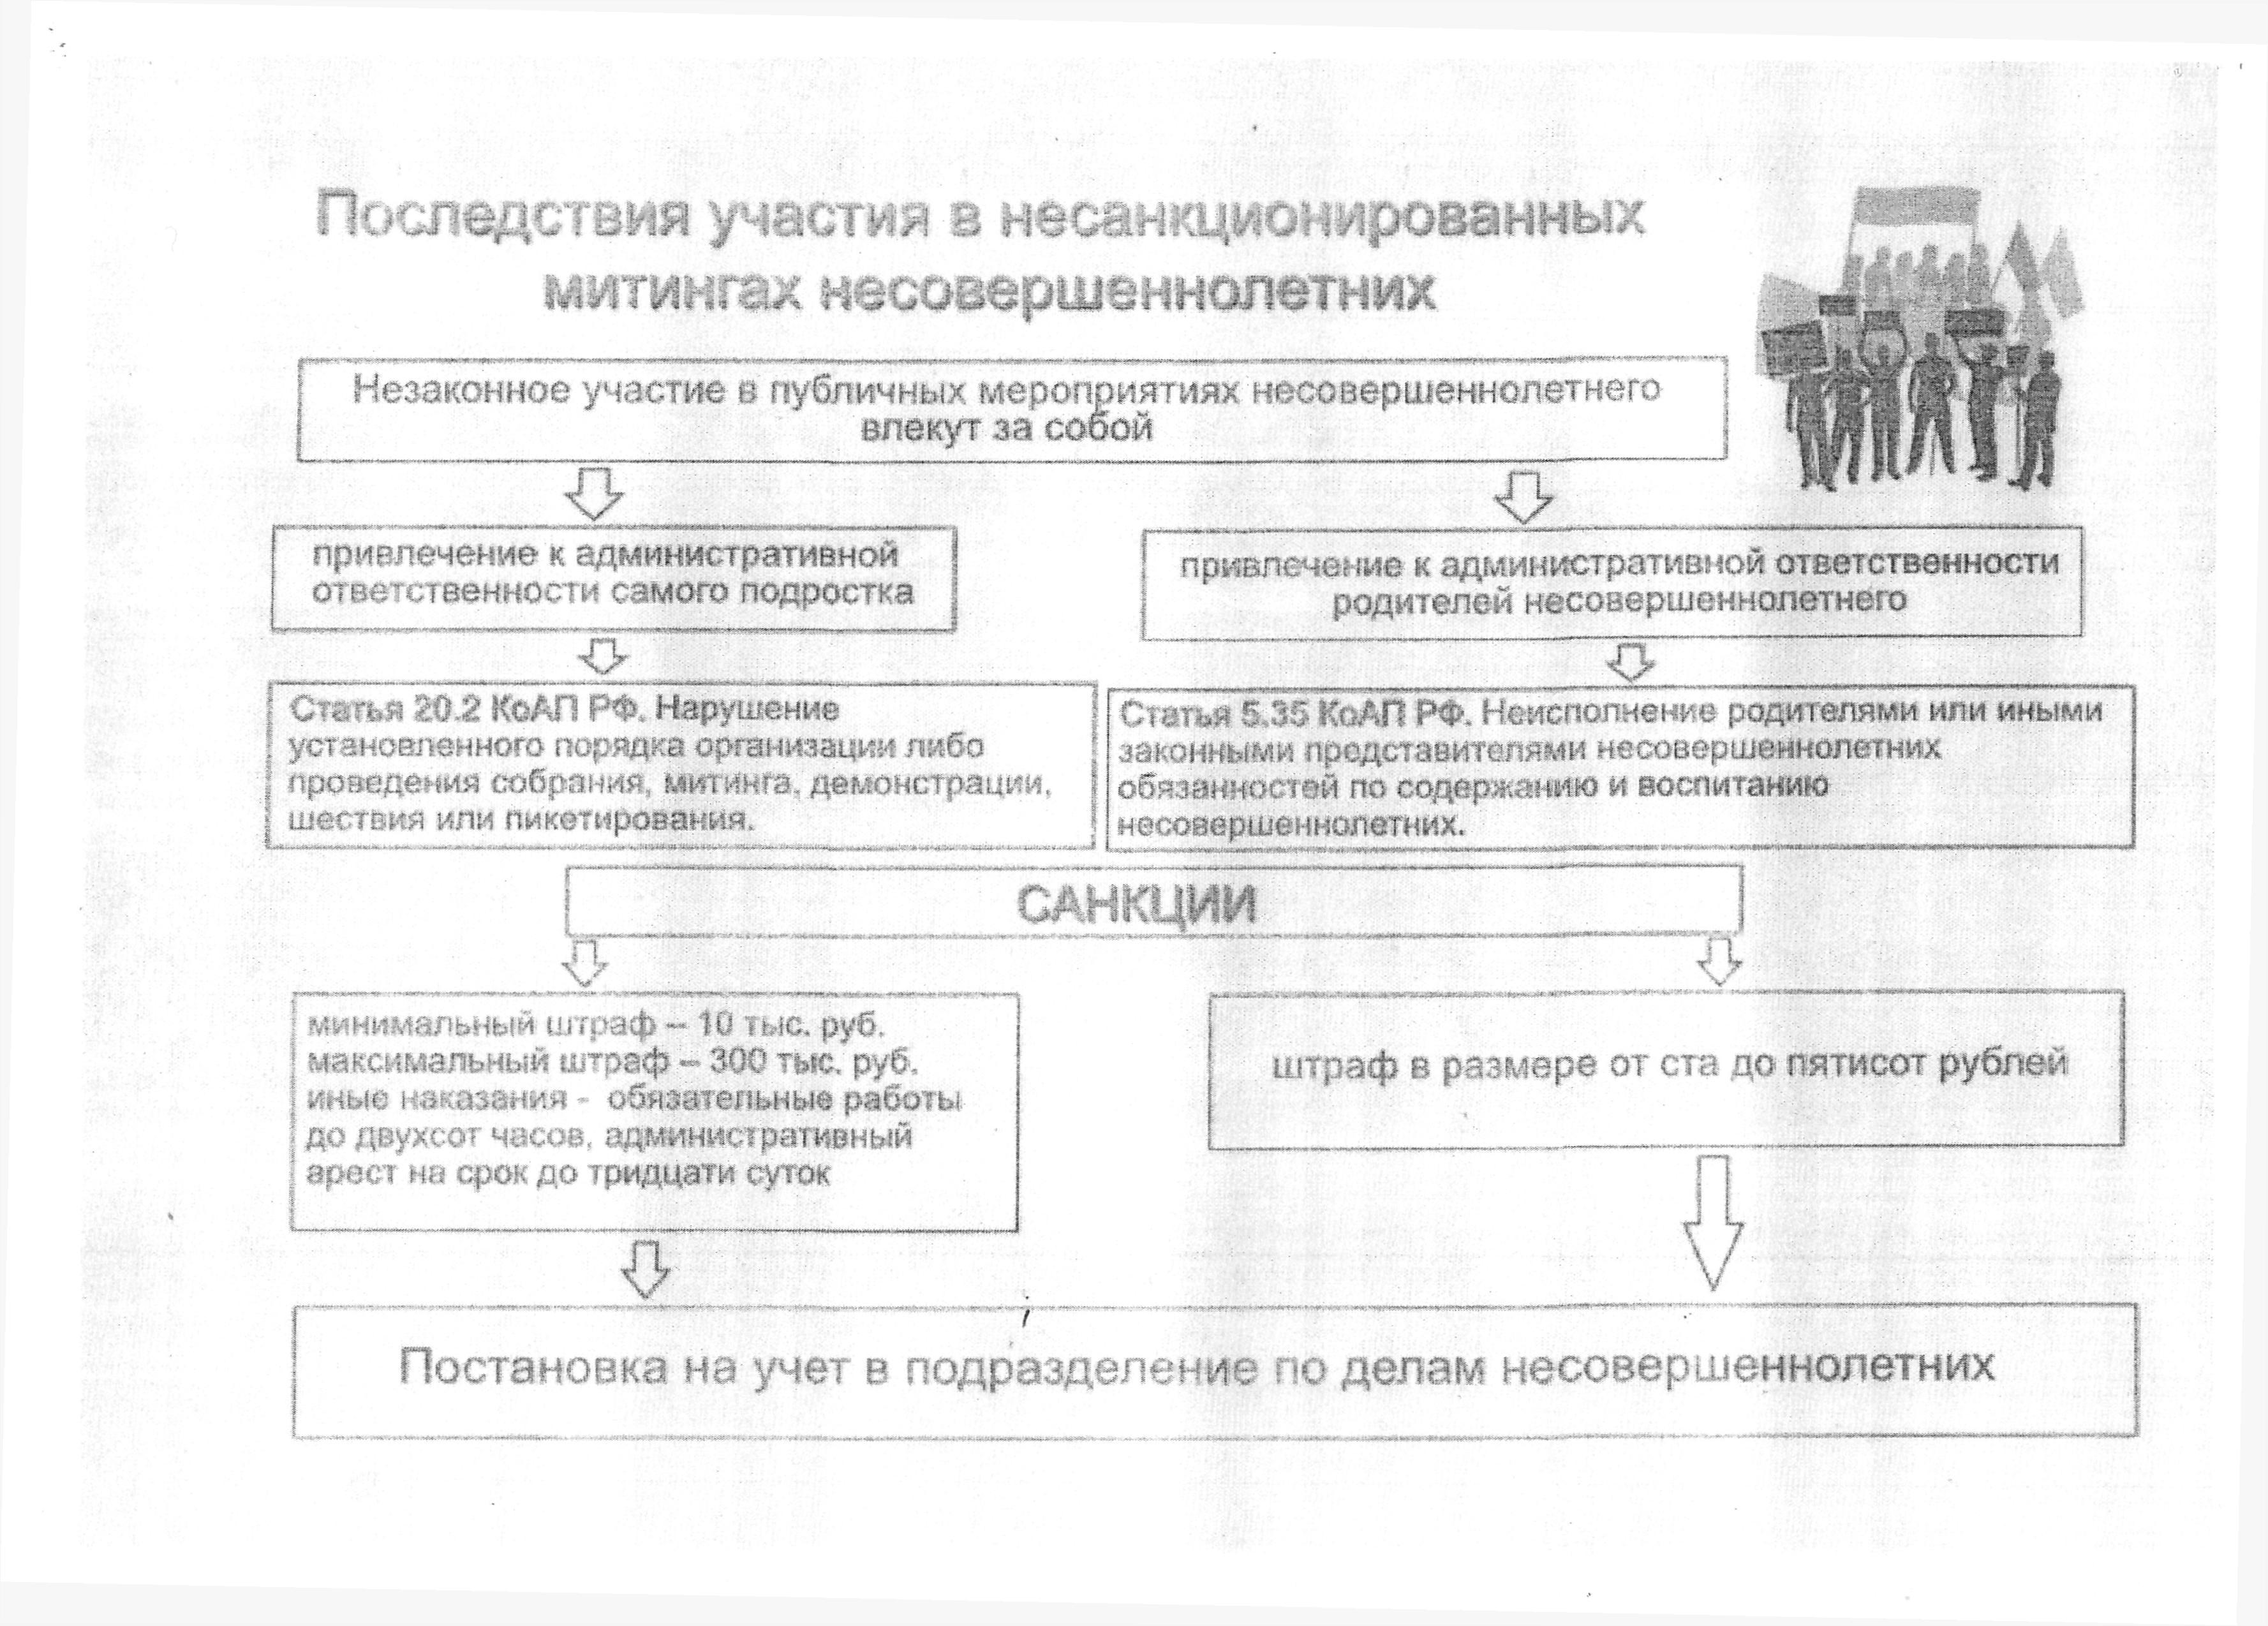 Инструктаж по недопущению участия в несанкционированных митингах